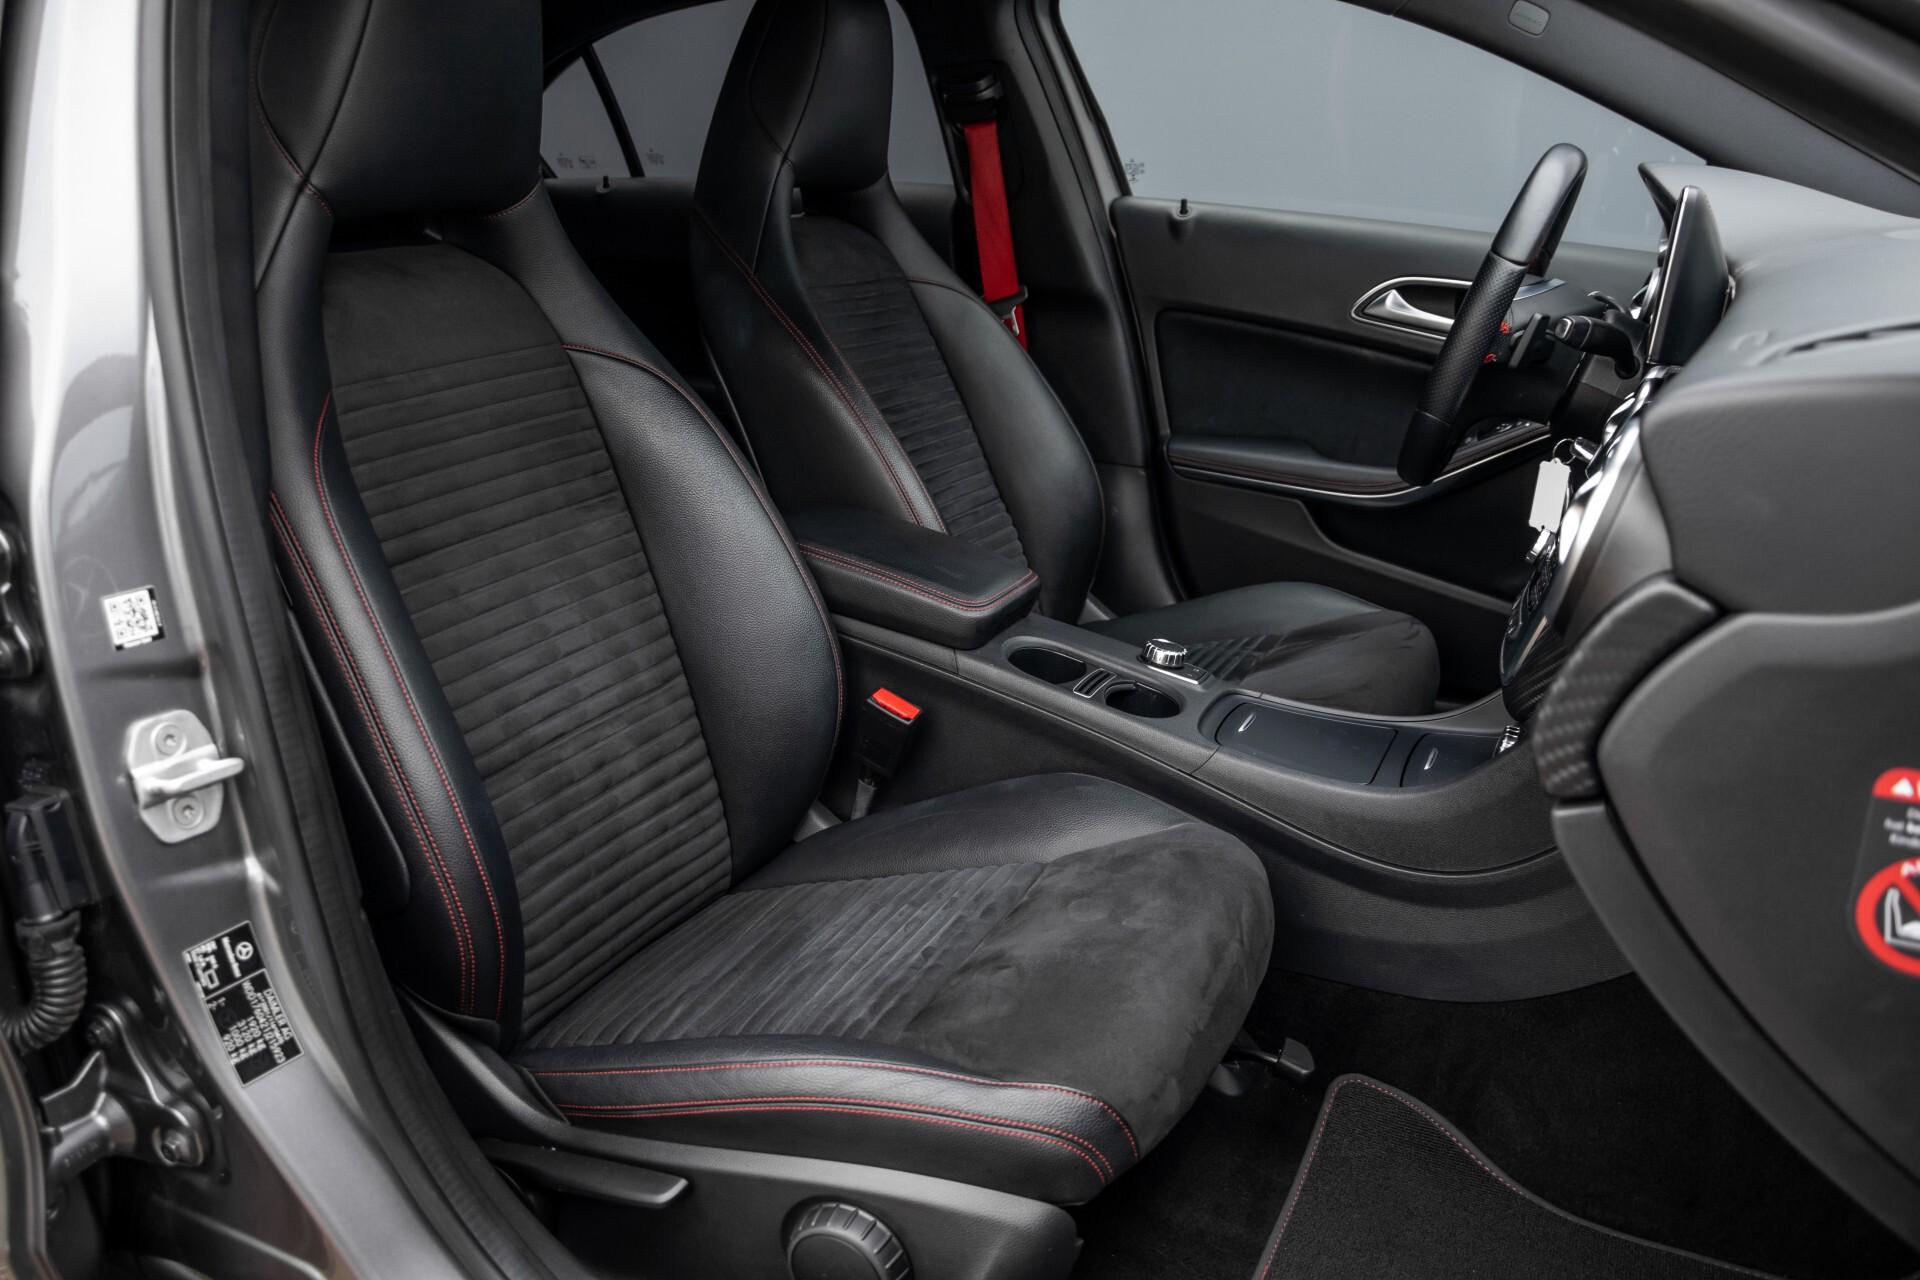 Mercedes-Benz A-Klasse 180 AMG Dynamic Handling/Camera/Xenon/Navi/Privacy Aut7 Foto 3